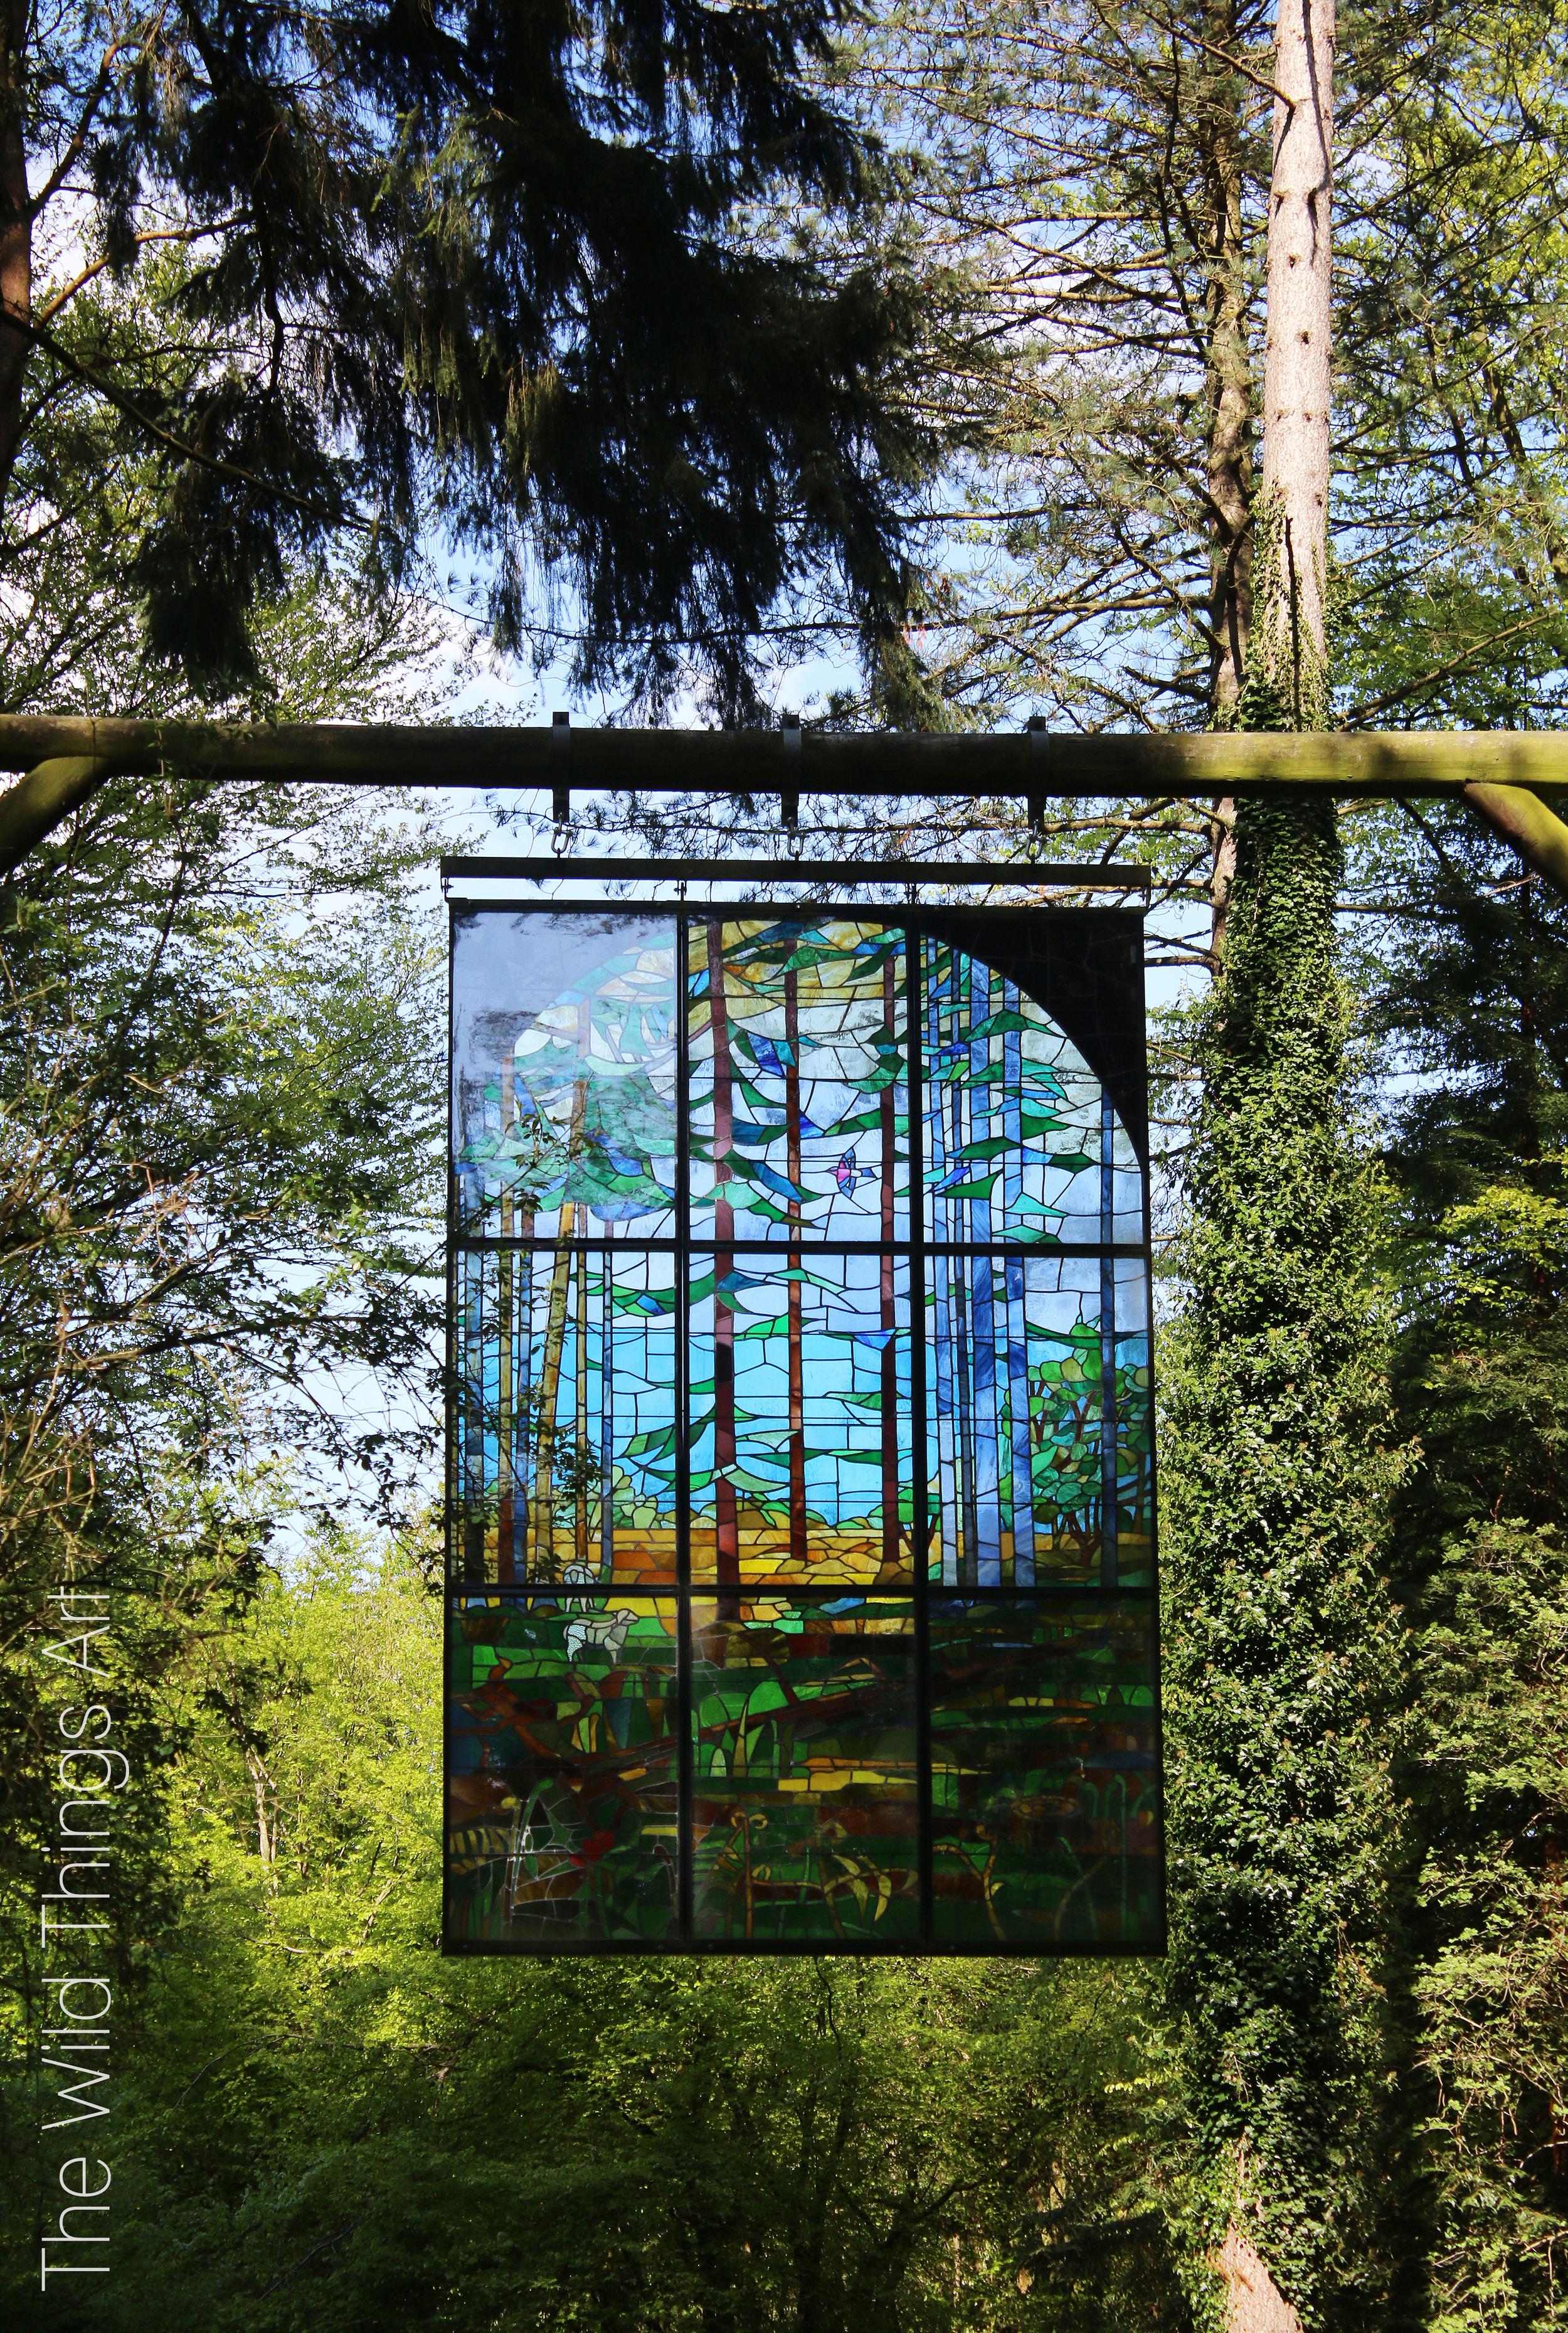 The sculpture trail, Beechenhurst, The Forest of Dean